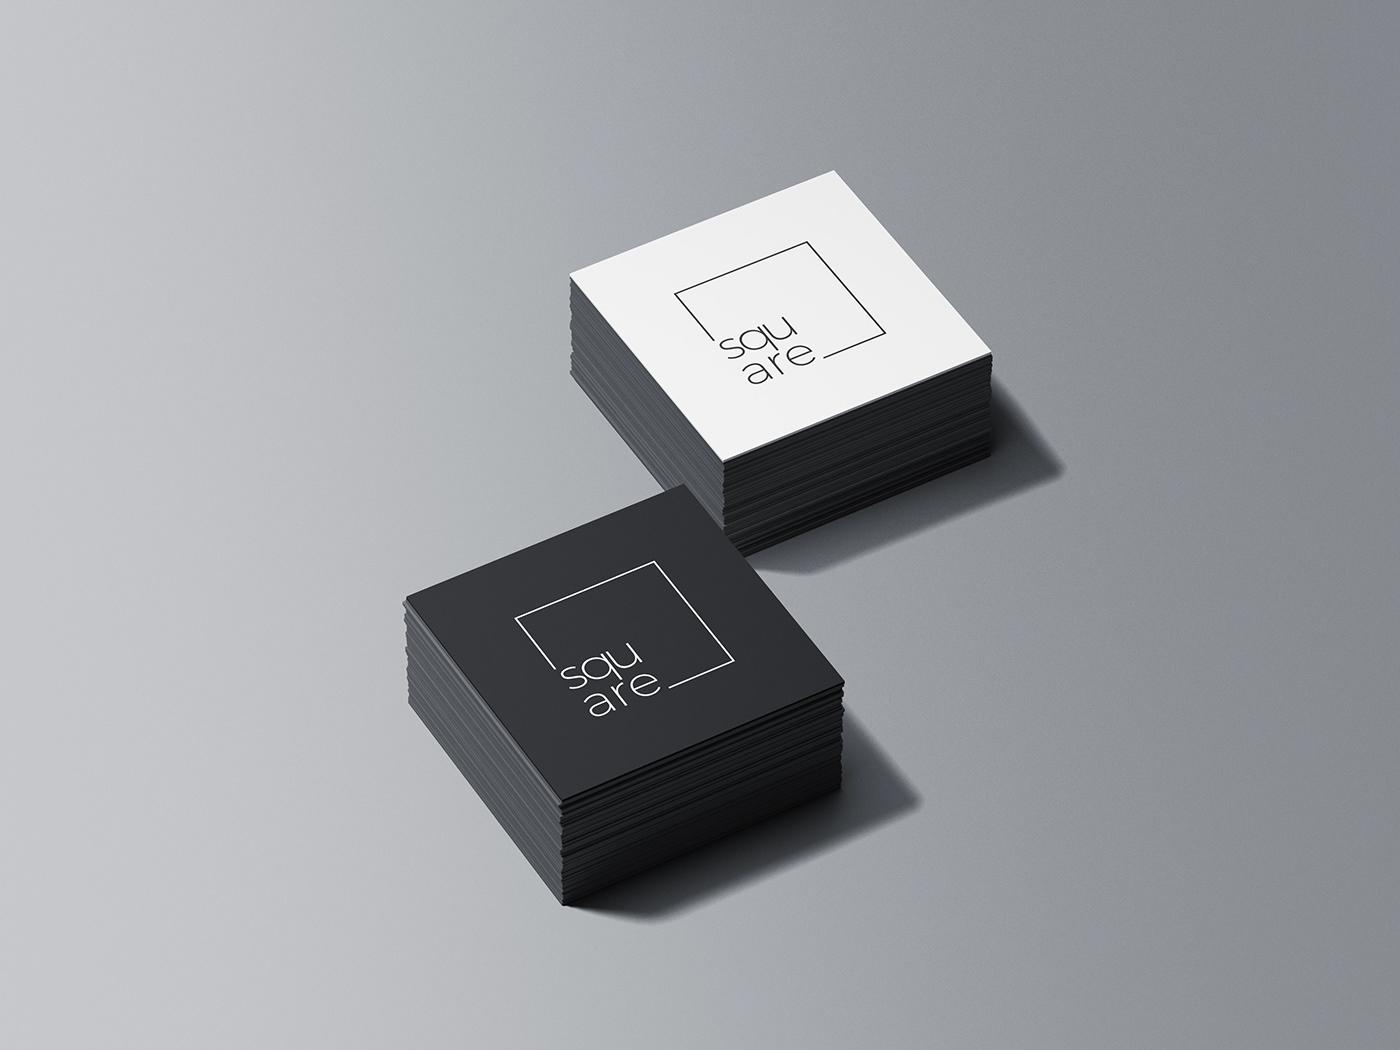 Image may contain: box and print